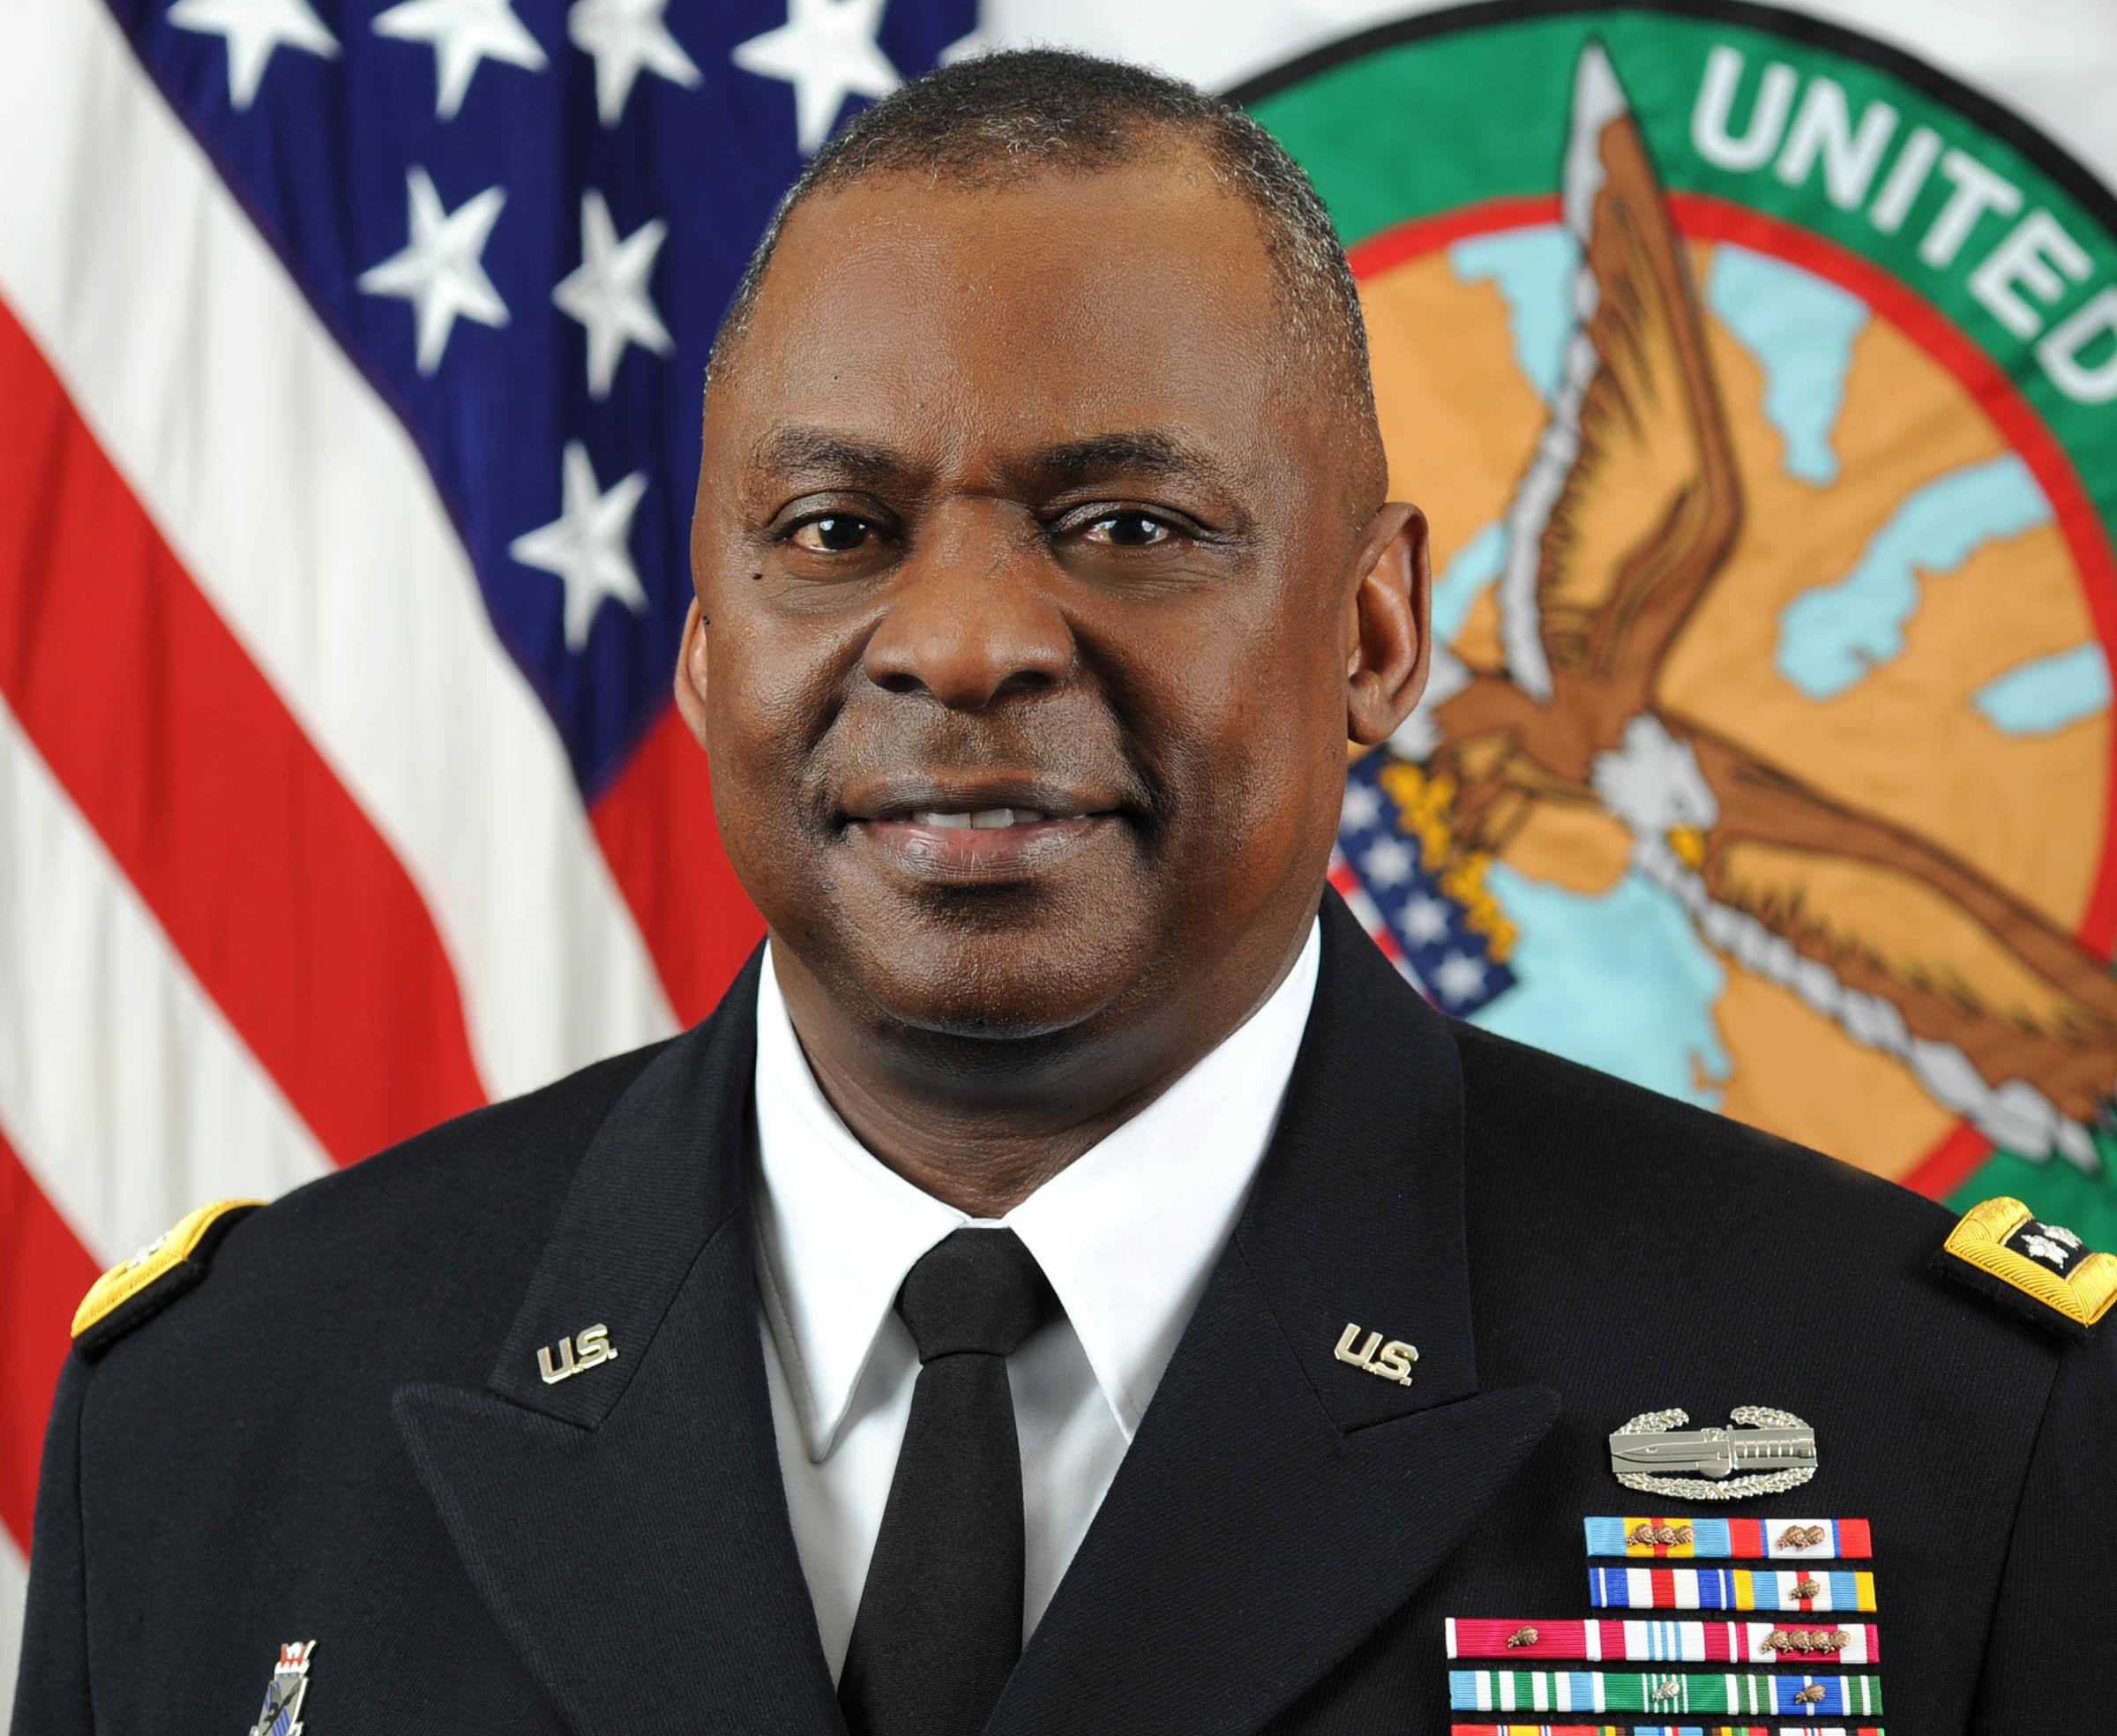 وزير الدفاع الأمريكي يعتذر بعد مقتل مدنيين في غارة على كابول أواخر أغسطس